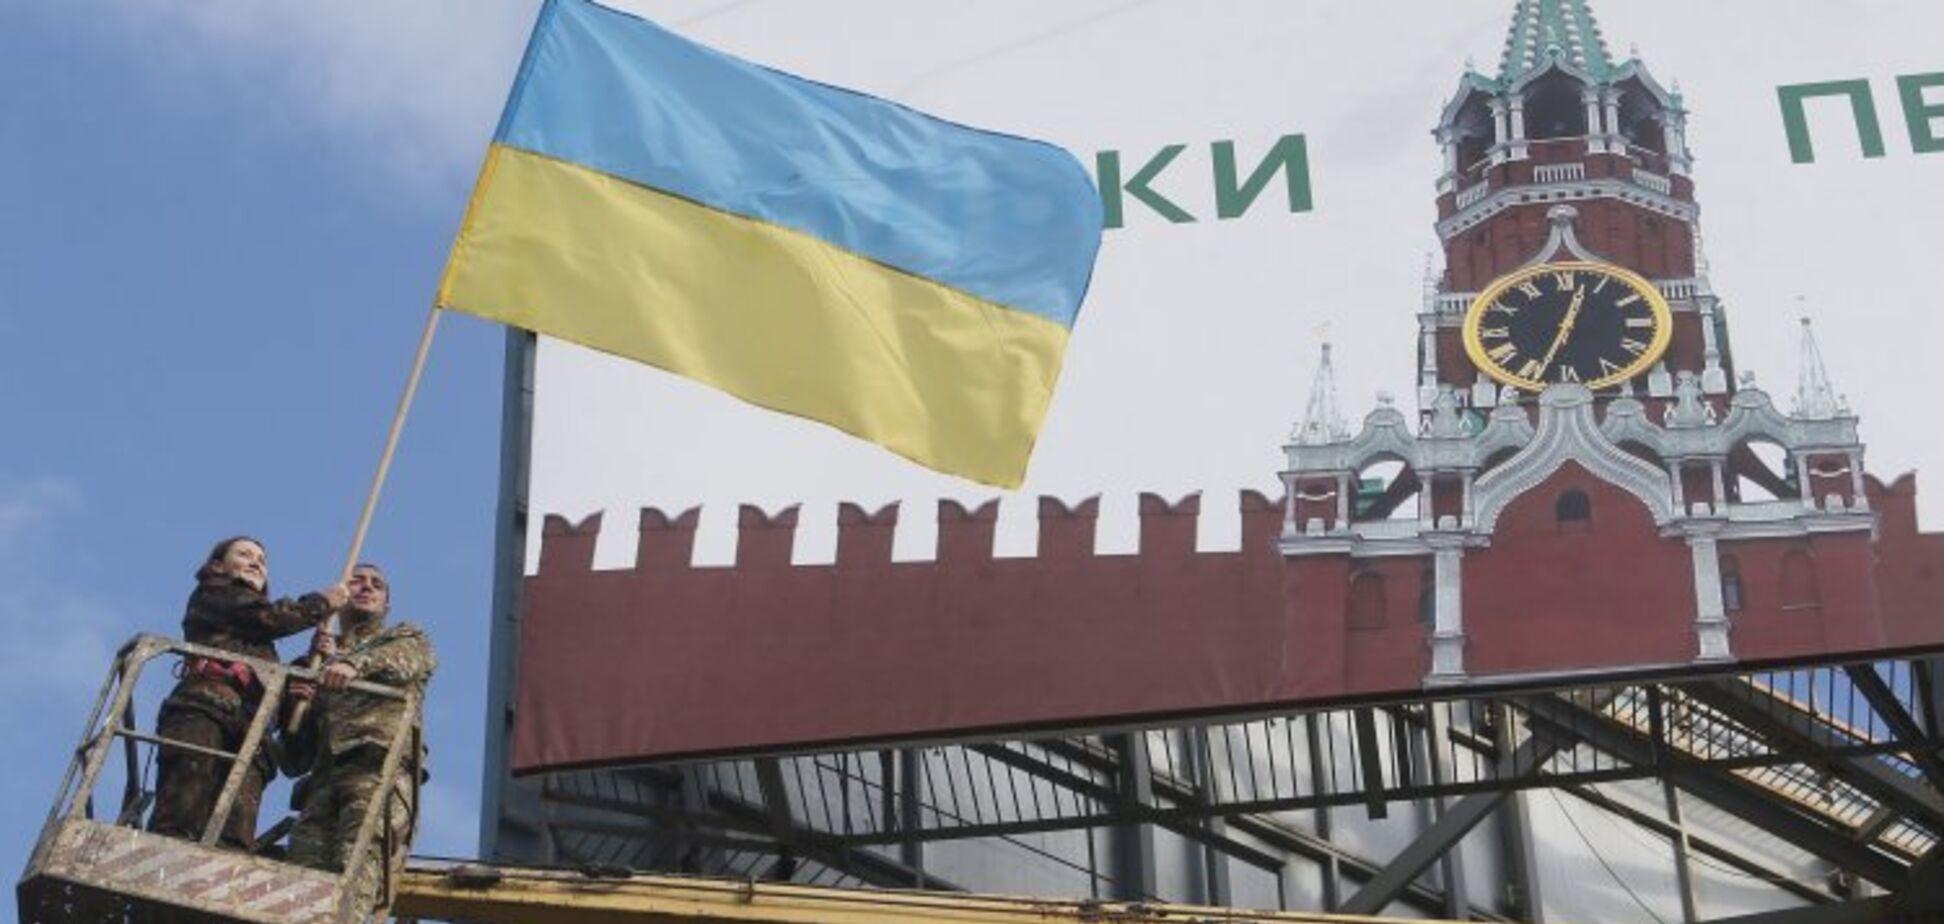 Выборы в Украине: какие сценарии реализует Кремль